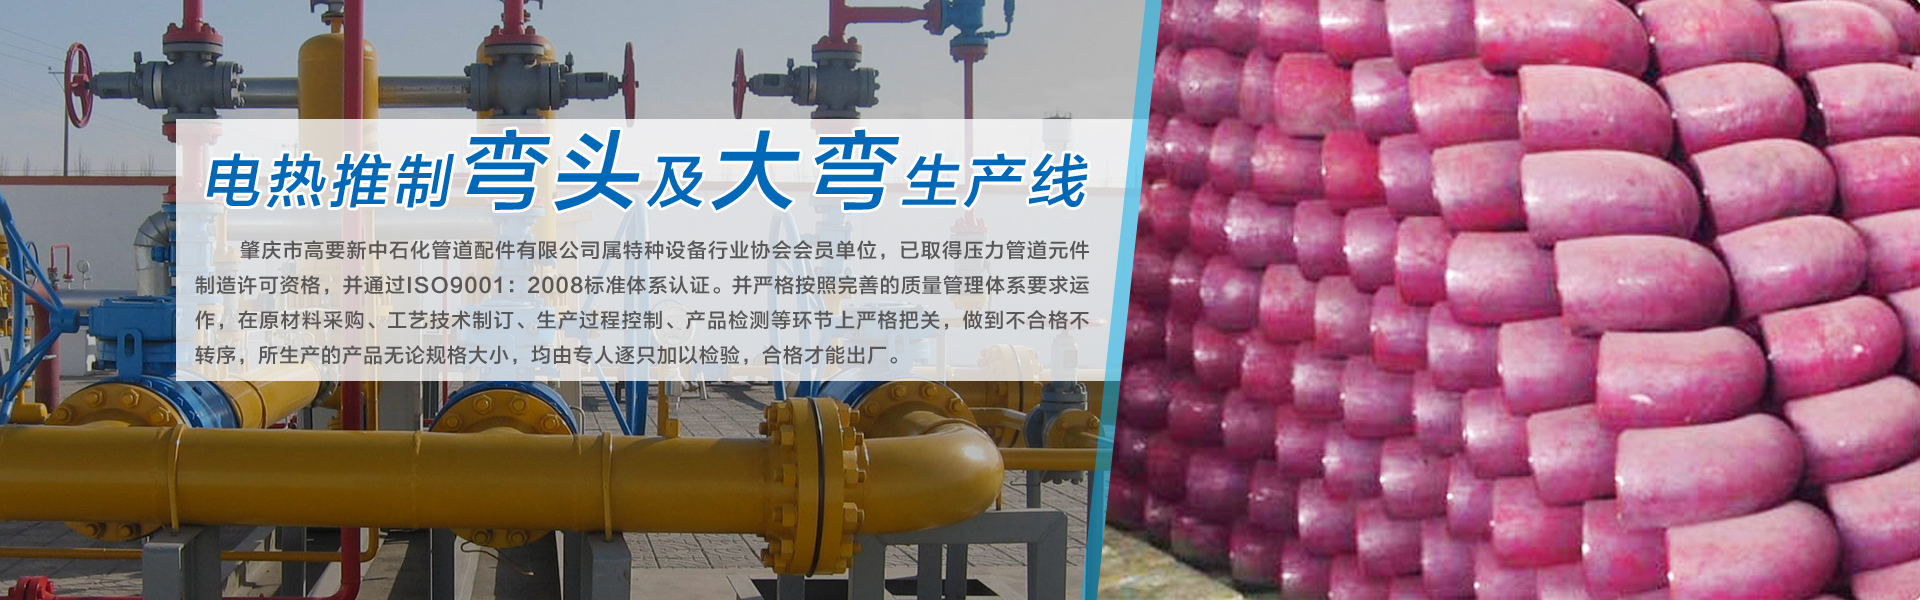 肇庆市高要新中石化管道配件北京赛车pk拾开奖直播制造的碳钢、不锈钢、合金类弯头、异径管、三通、大弯、管帽、法兰等产品。